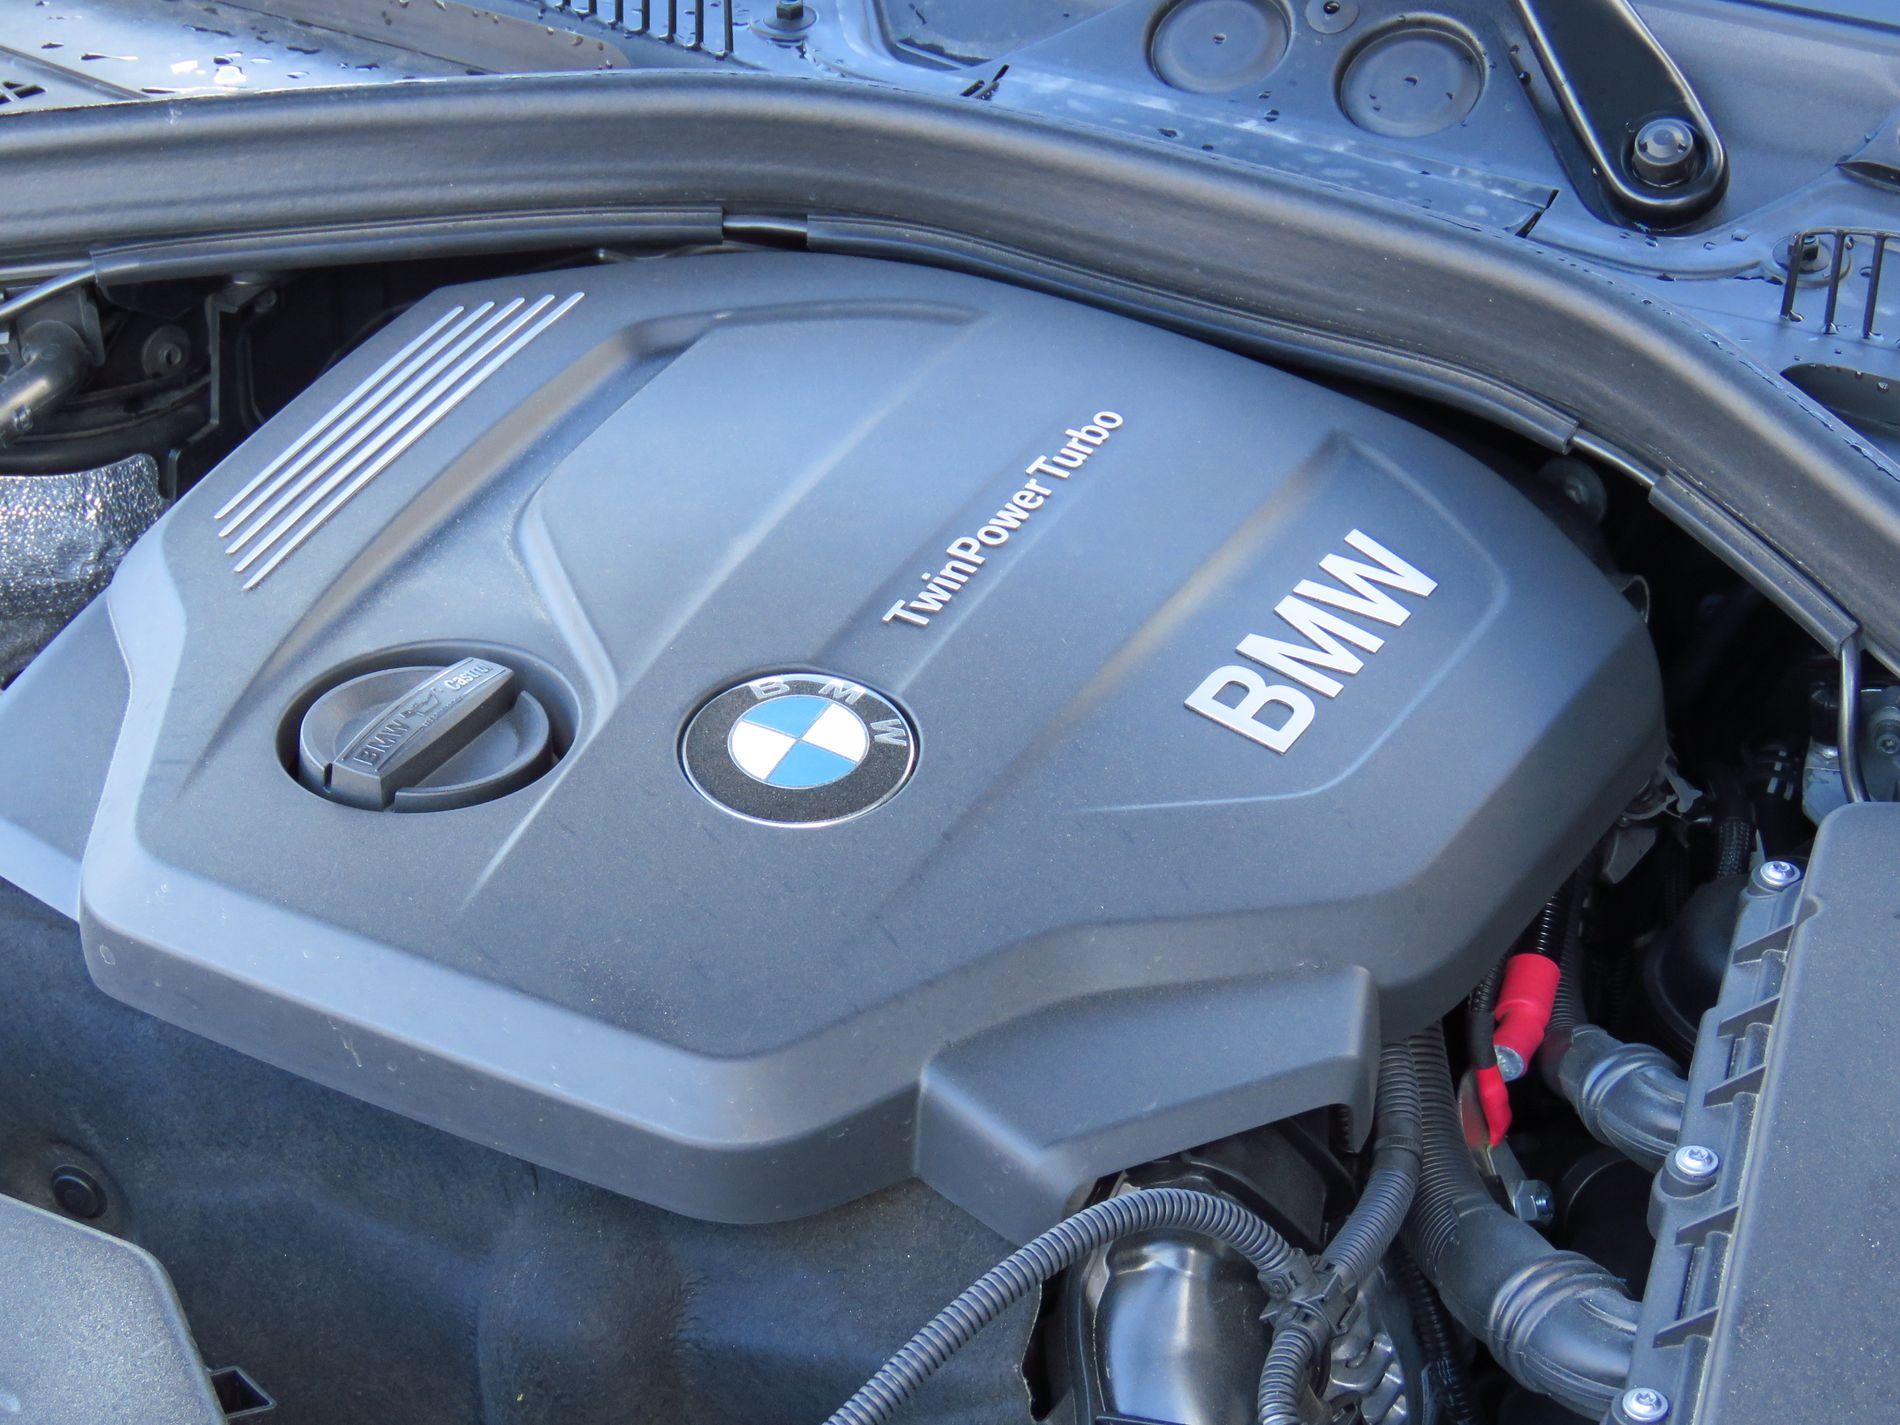 NEKTER: Både BMW og Mercedes-Benz benekter på det sterkeste å ha installert programvare som manipulerer utslippsverdier i sine biler. (Foto: Jan Harry Svendsen)